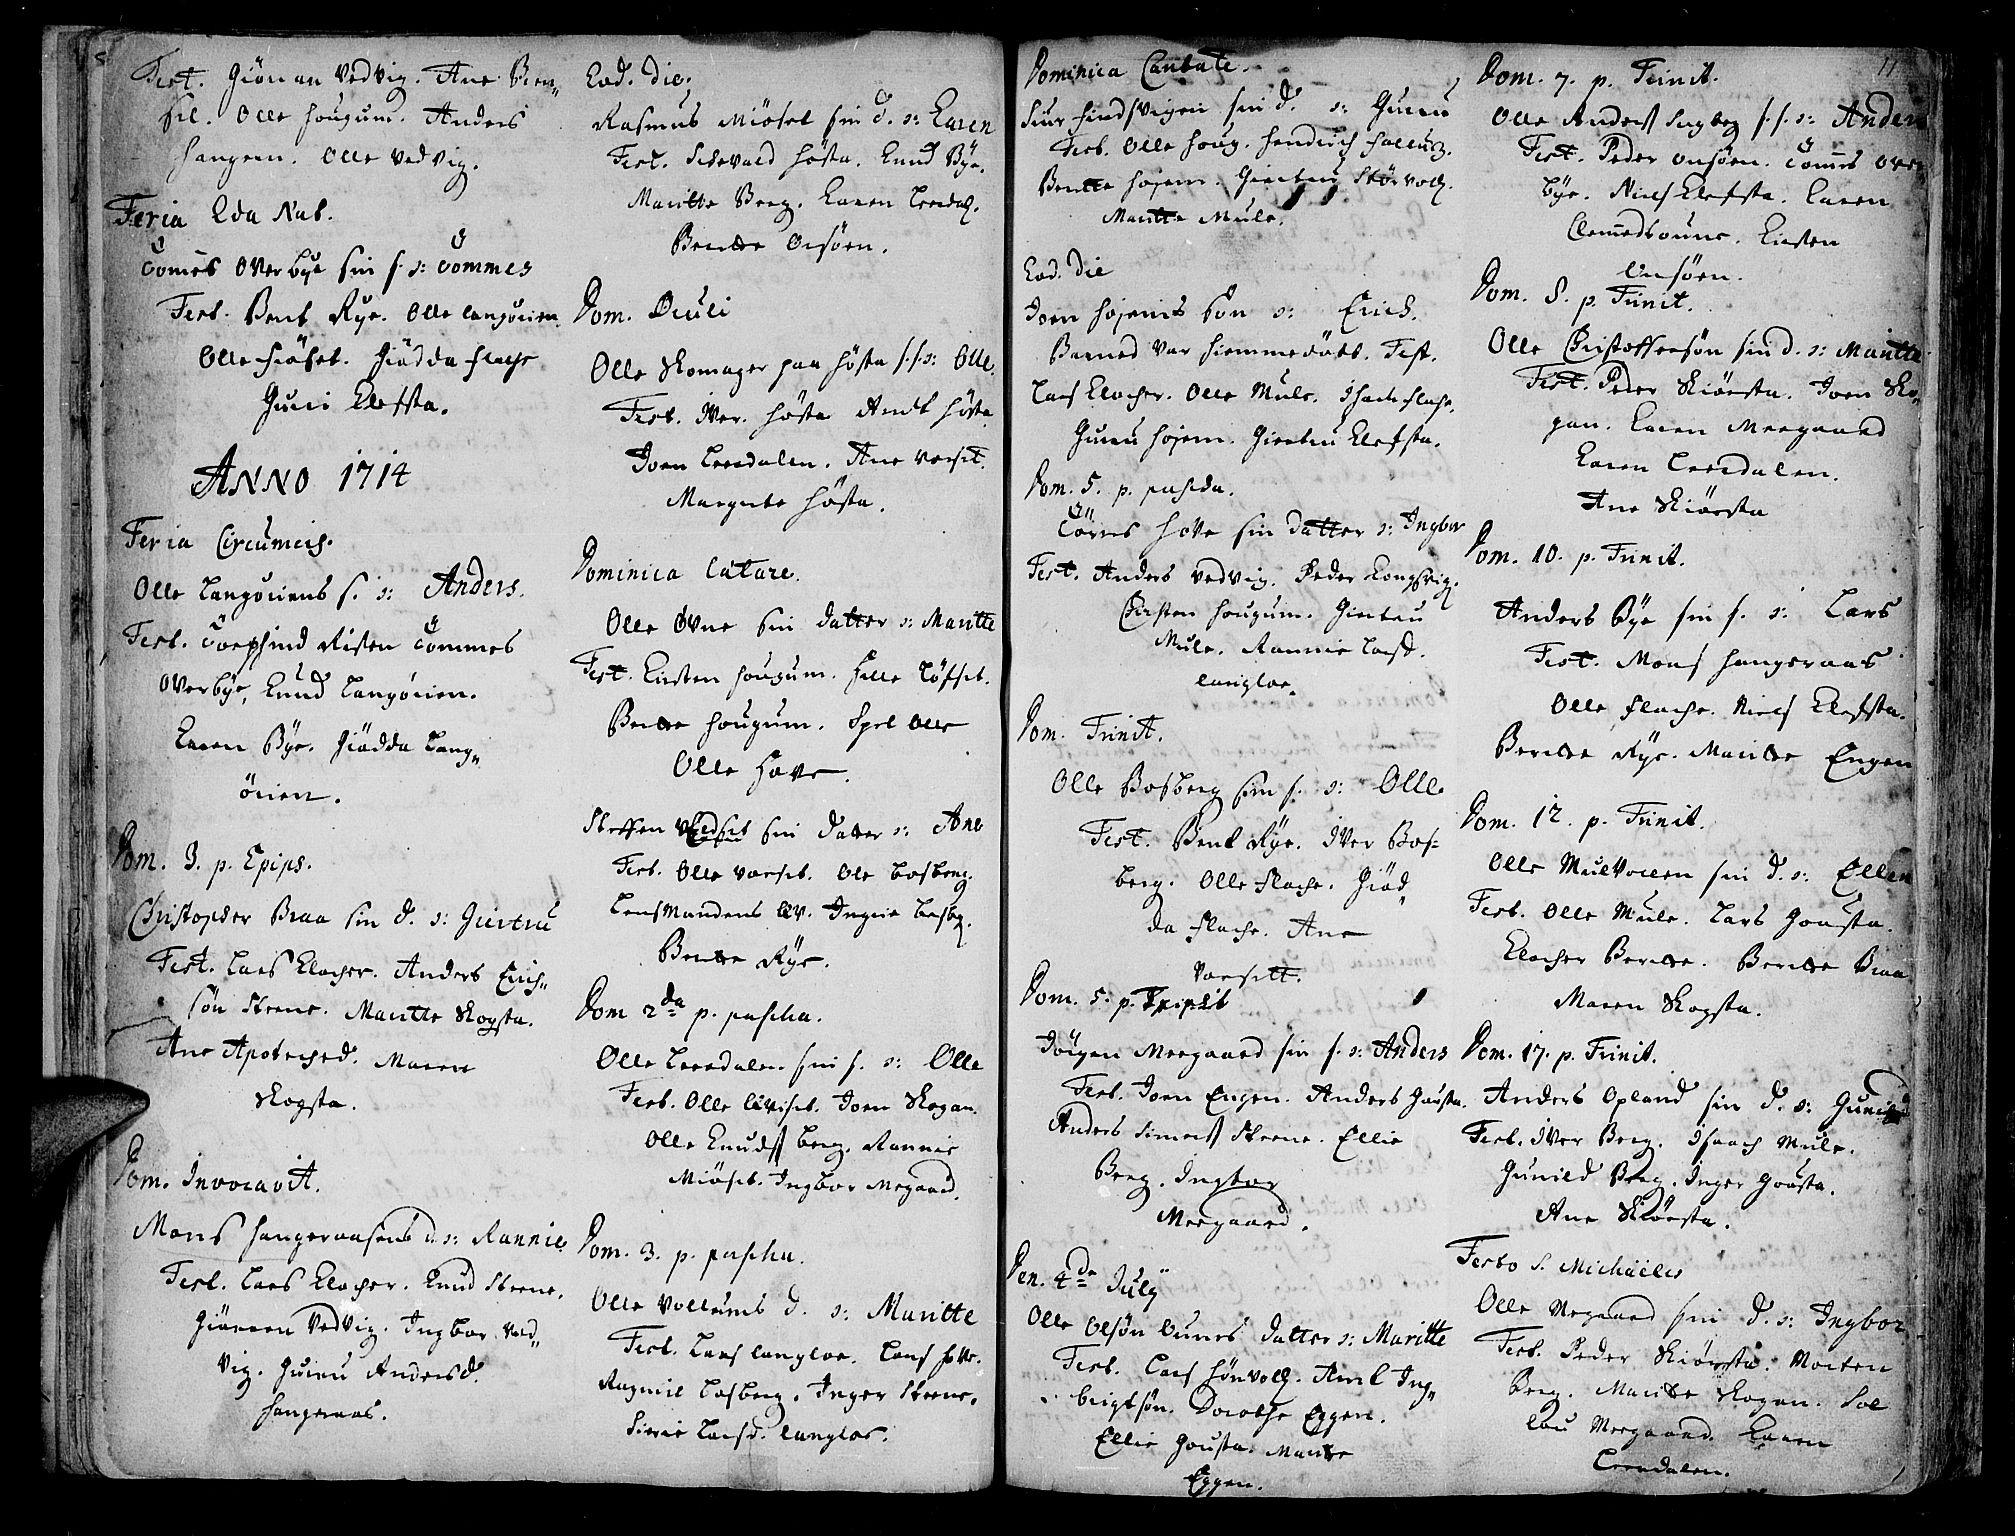 SAT, Ministerialprotokoller, klokkerbøker og fødselsregistre - Sør-Trøndelag, 612/L0368: Ministerialbok nr. 612A02, 1702-1753, s. 11